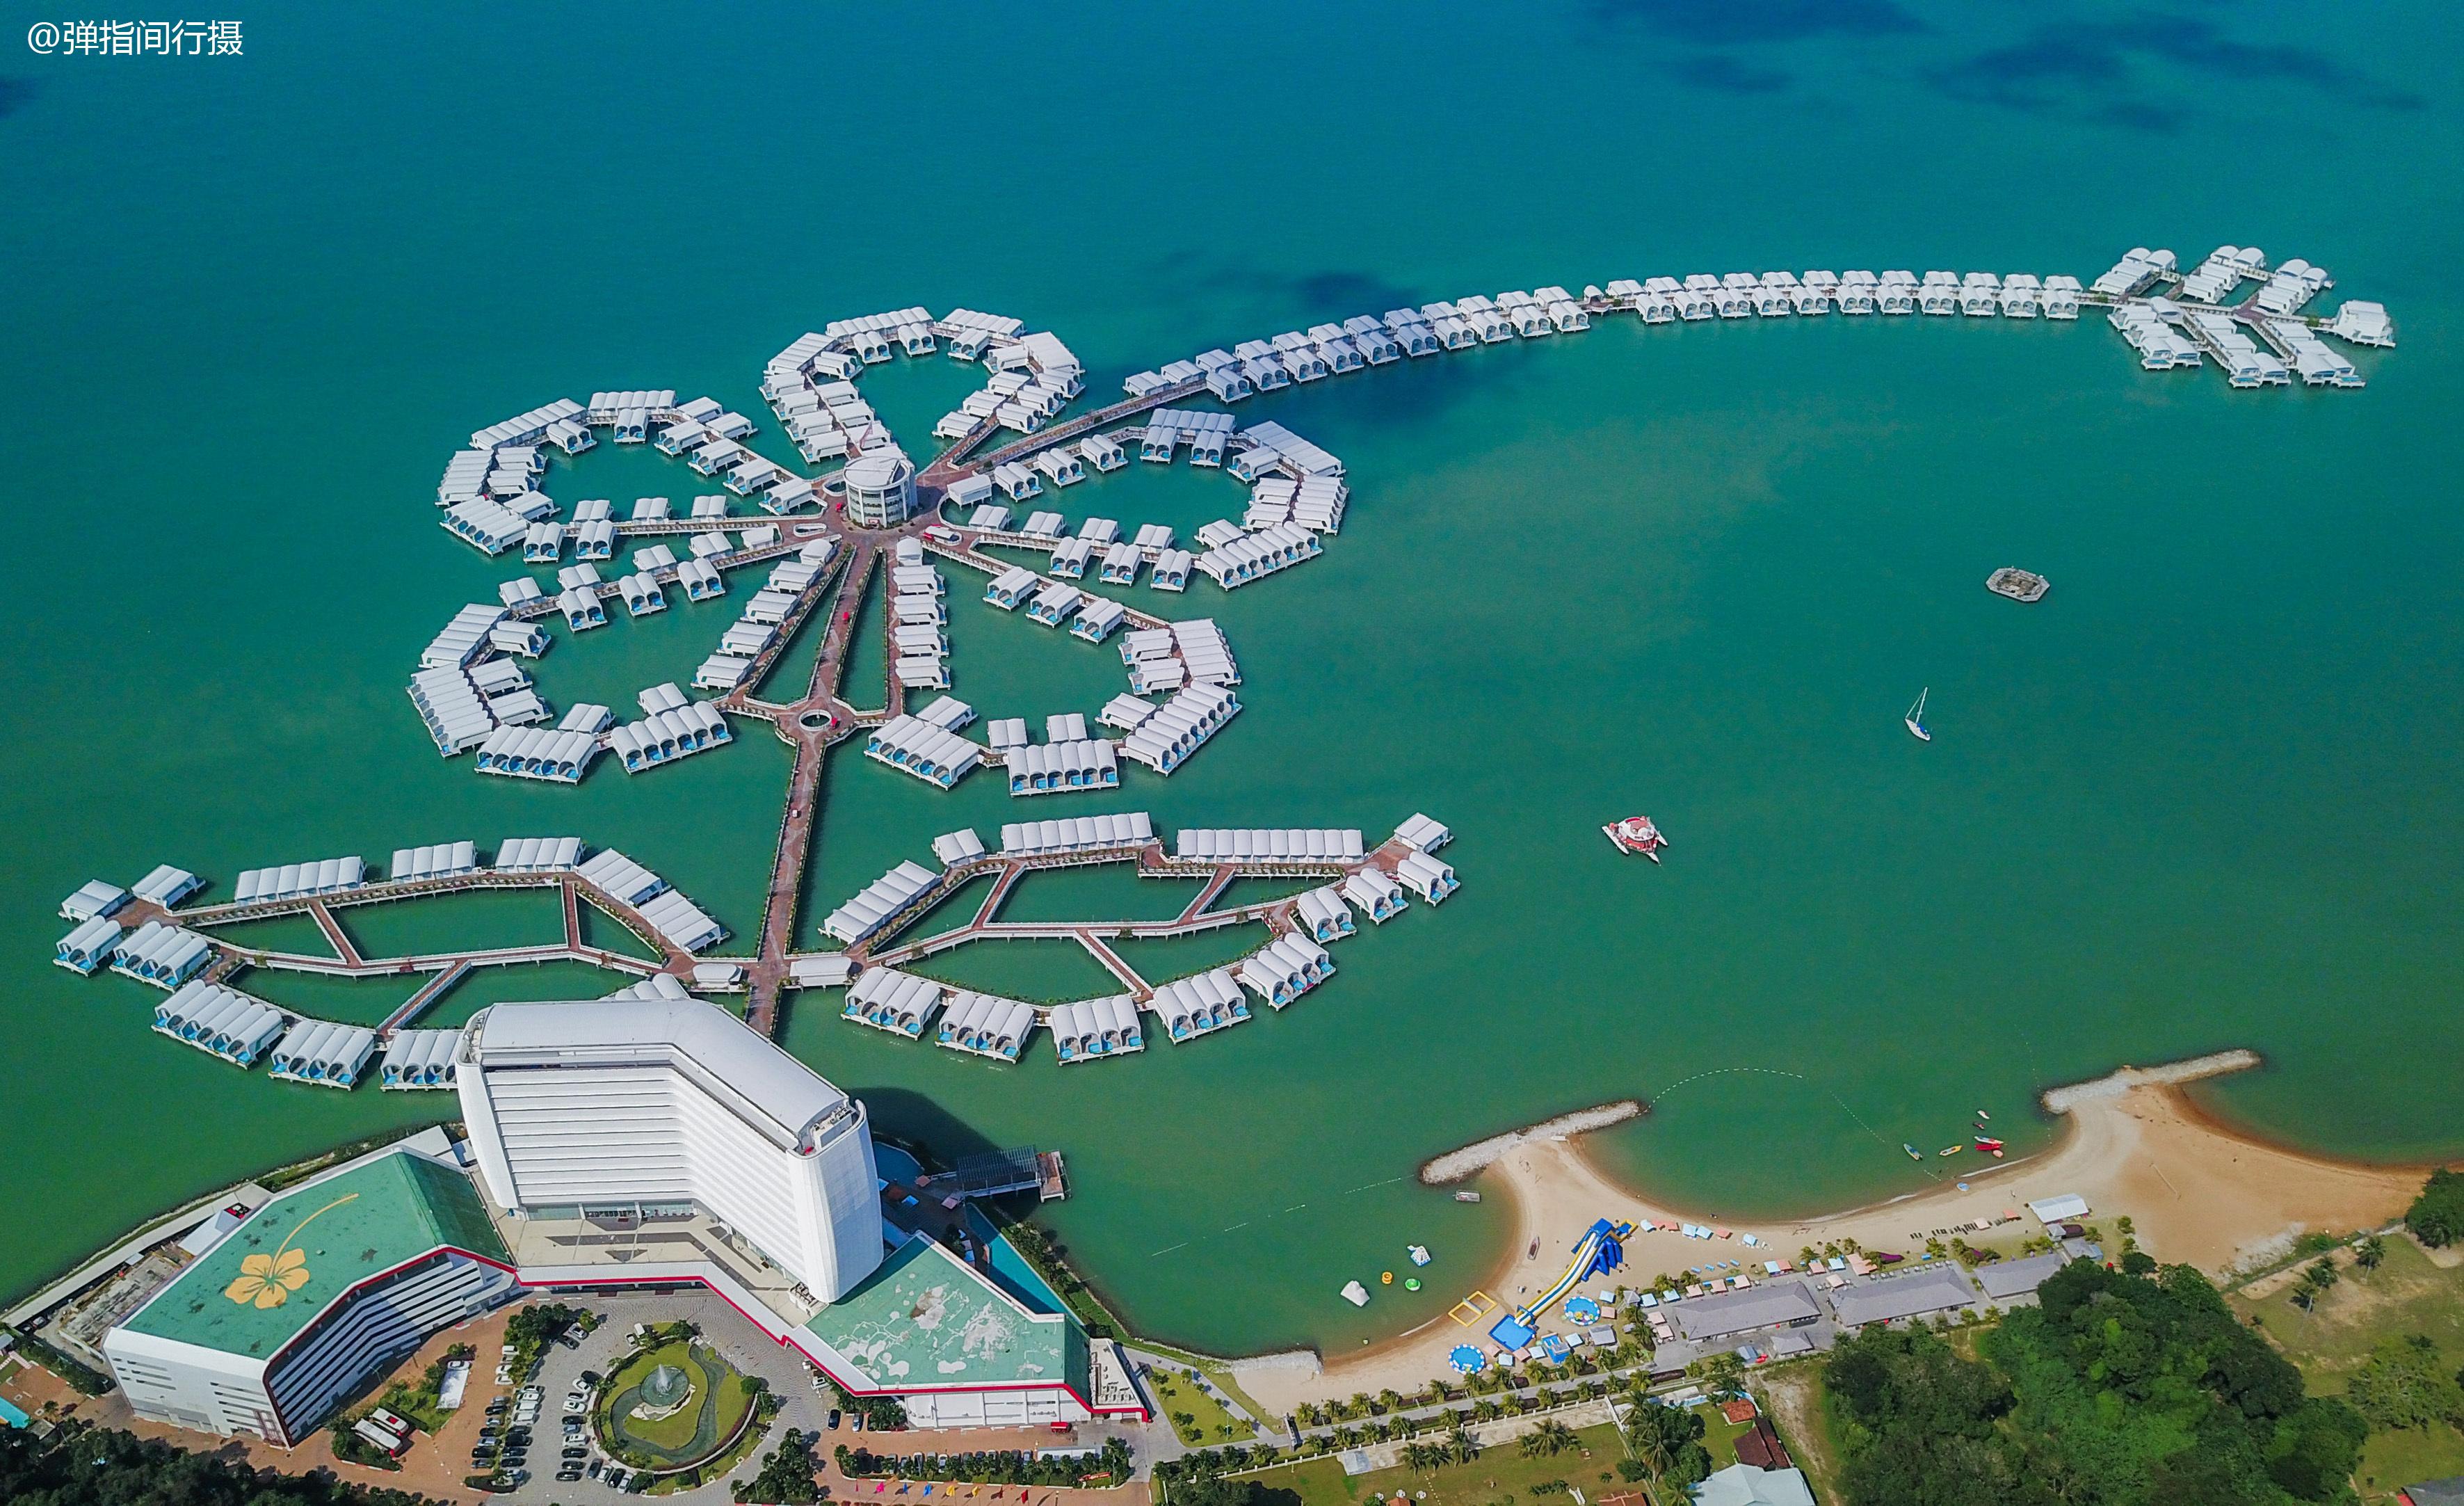 马来西亚这座酒店设计真美!如一朵花长在海里,且中国游客很少